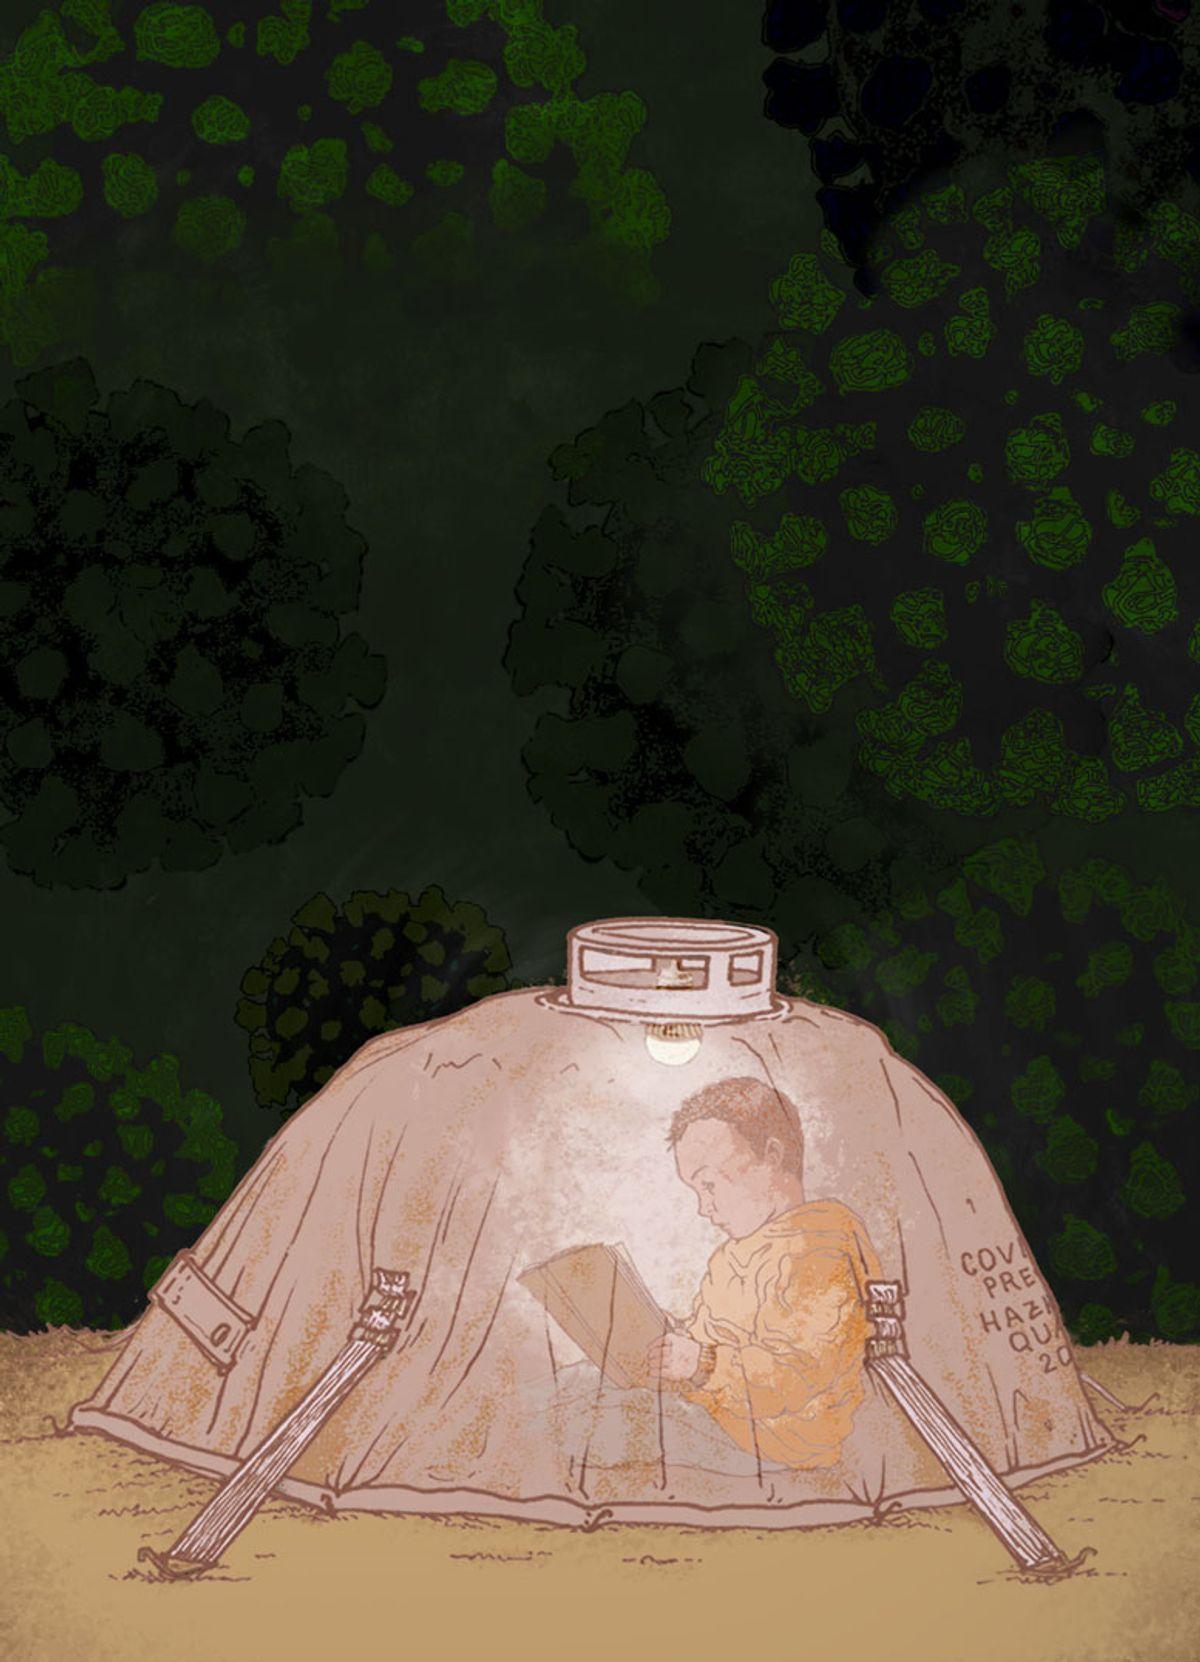 Guardo il mondo da un oblò, Giacomo Zecchi, ISIA Urbino, secondo anno Grafica delle Immagini/illustrazione